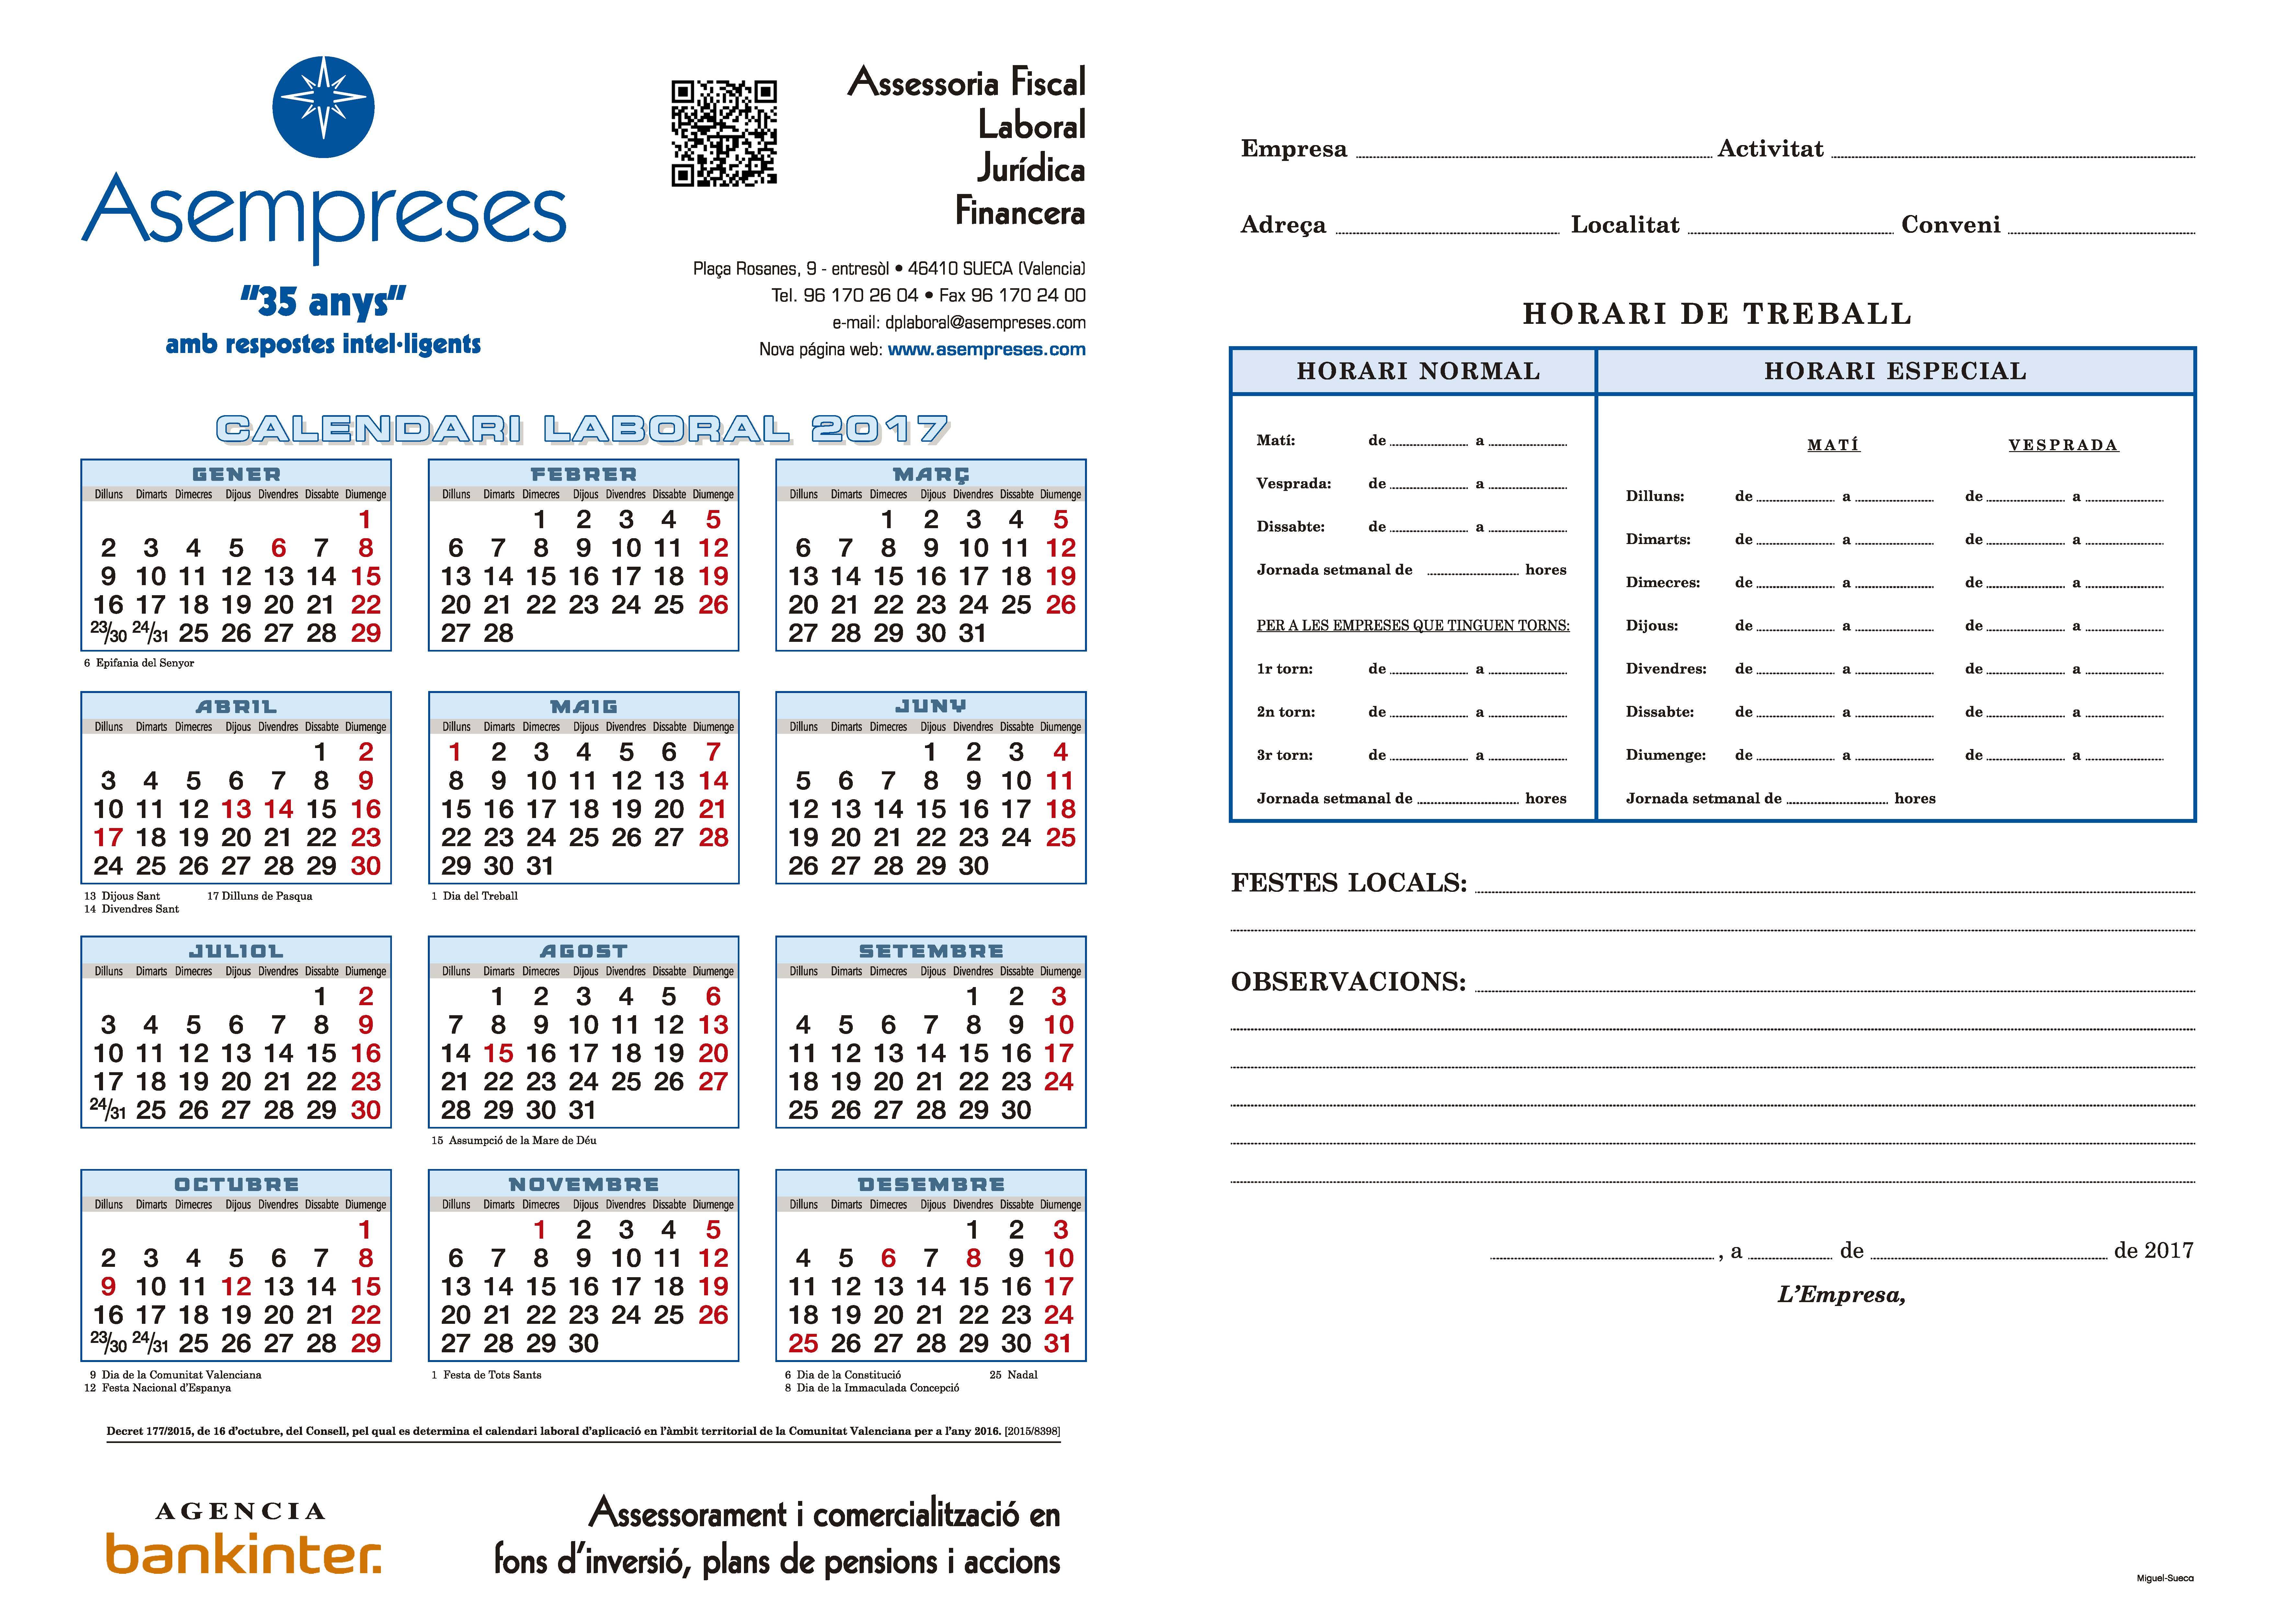 calendari-laboral-2017-asempreses